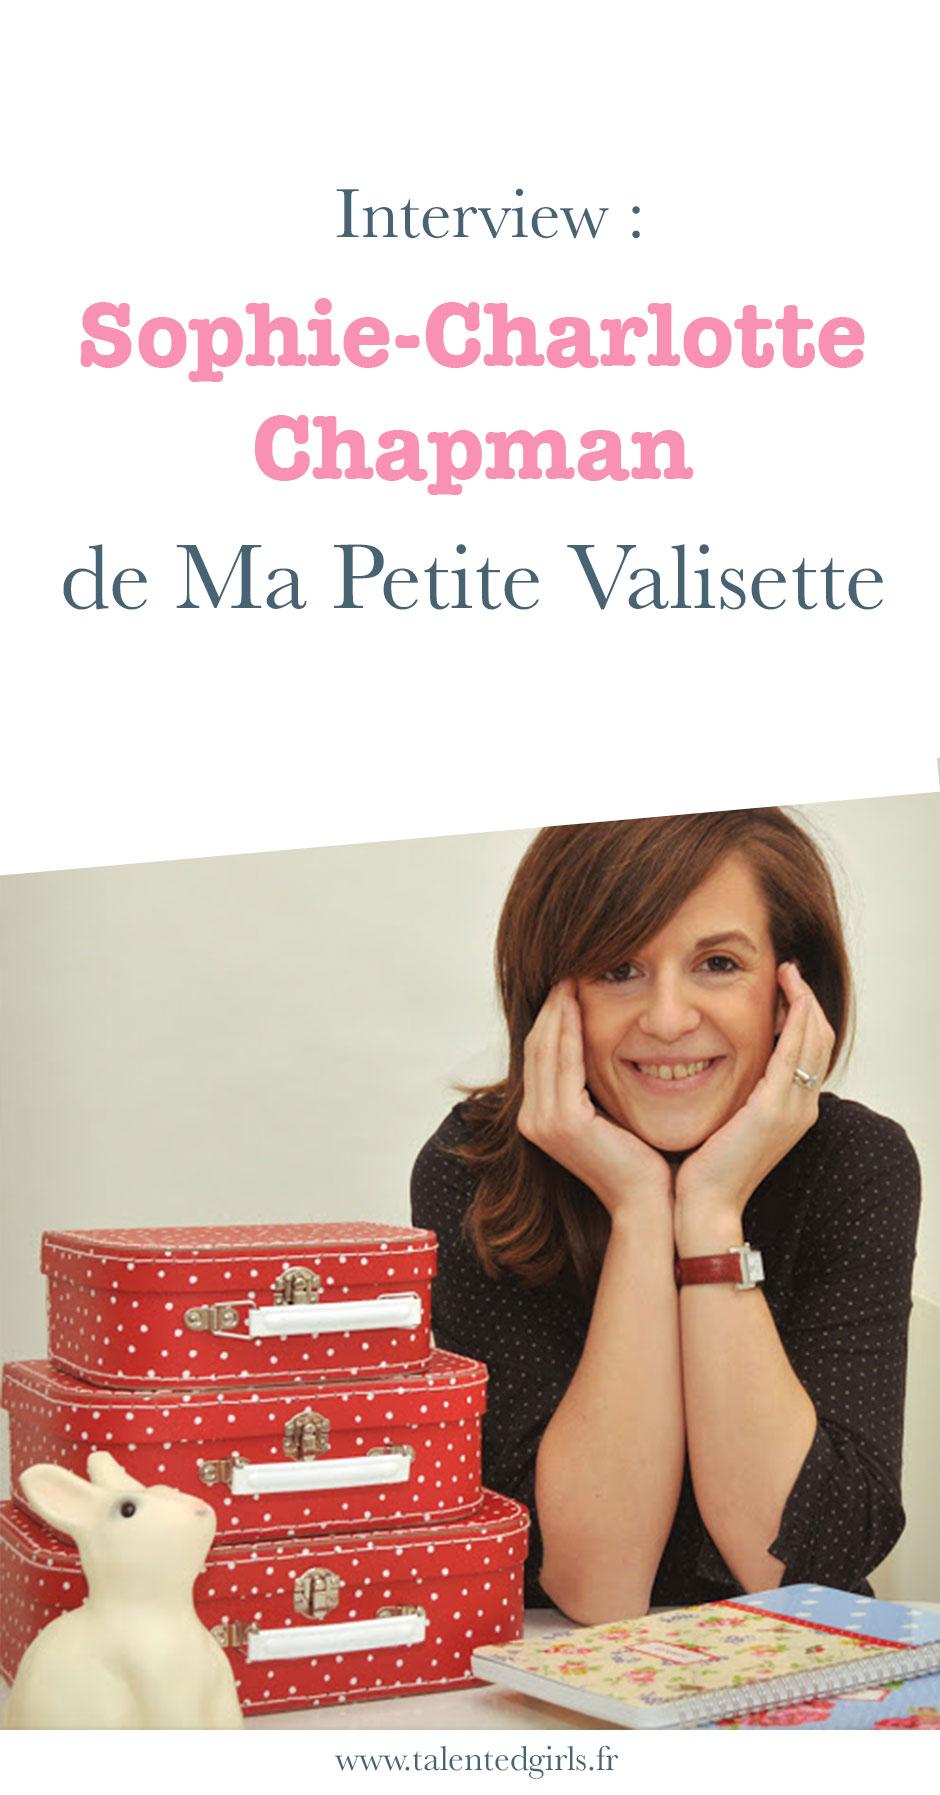 Découvrez l'histoire de Sophie Charlotte Chapman , la créatrice de Ma Petite Valisette et Entrepreneuses Créatives sur le blog⎟ Talented Girls, conseils business et ondes positives pour les femmes entrepreneures ! www.talentedgirls.fr